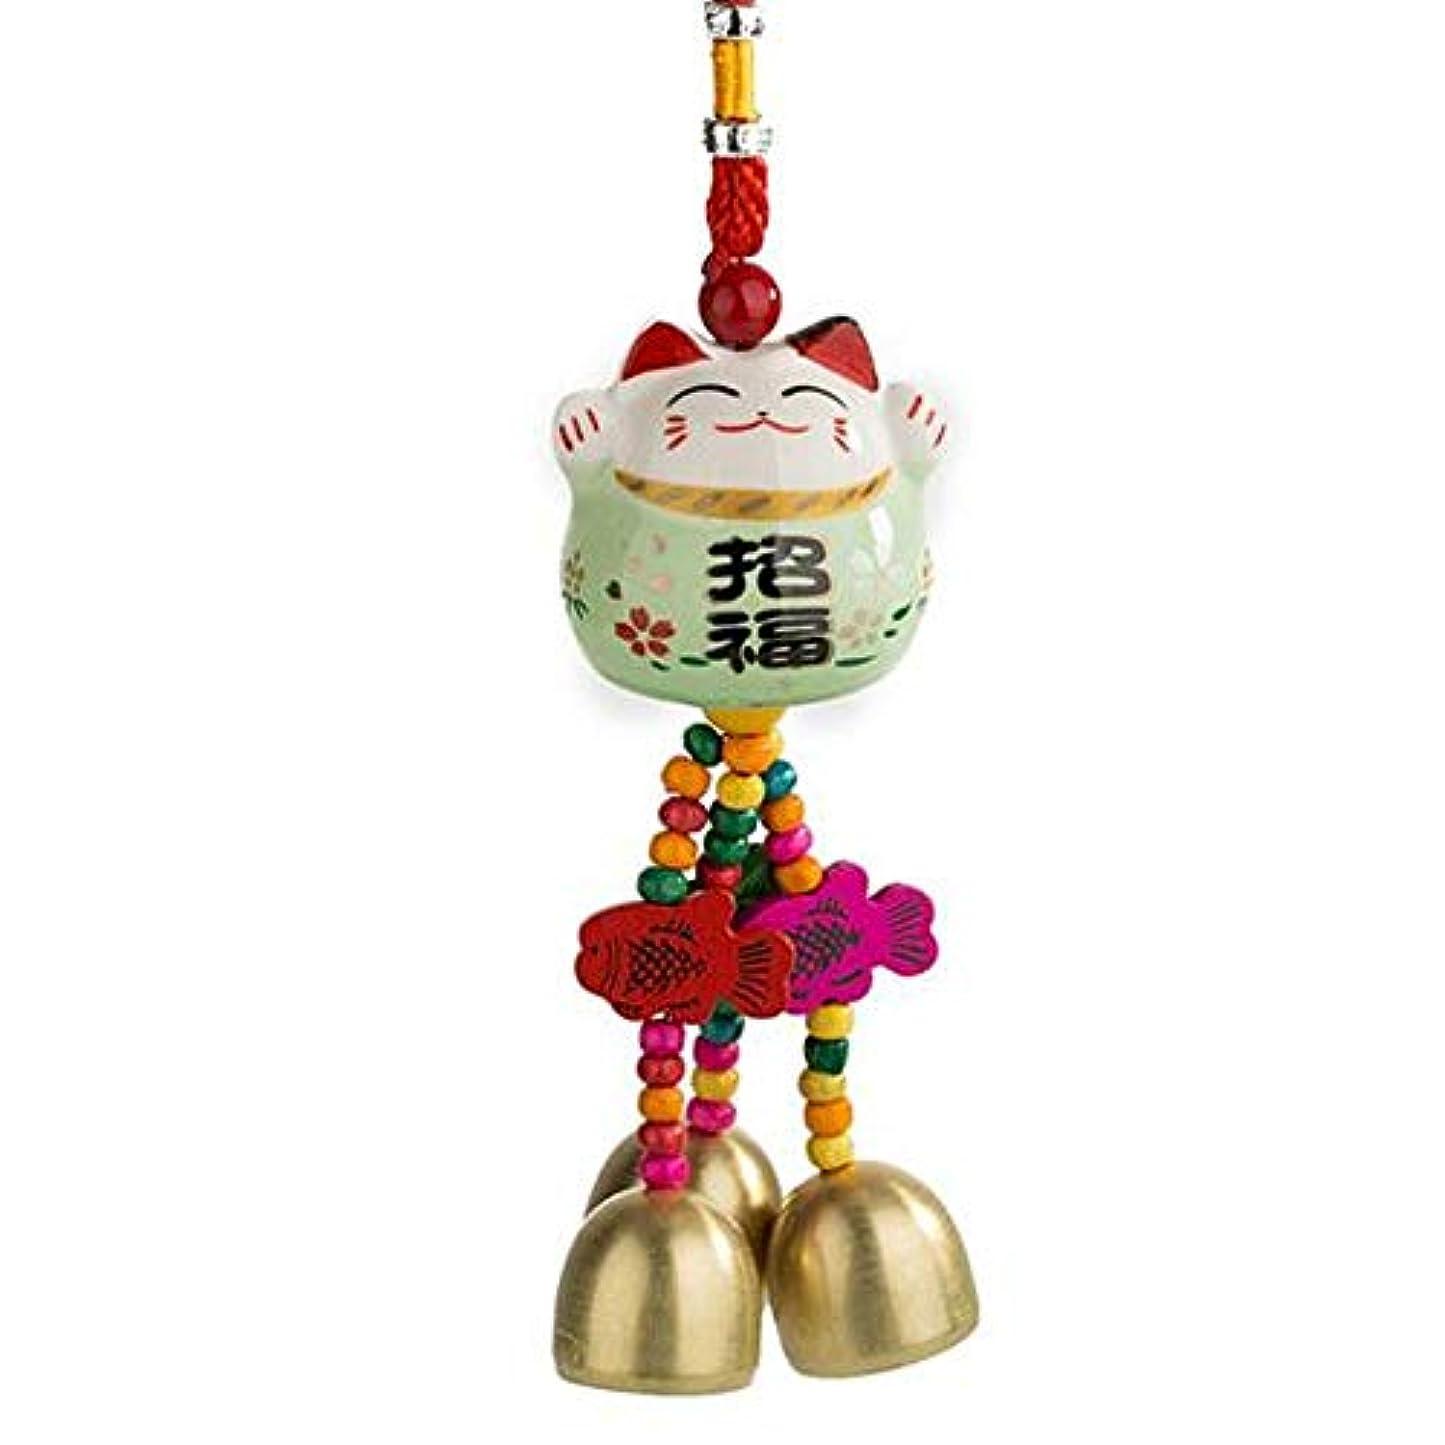 サドル原油安心Gaoxingbianlidian001 風チャイム、かわいいクリエイティブセラミック猫風の鐘、オレンジ、ロング28センチメートル,楽しいホリデーギフト (Color : Green)